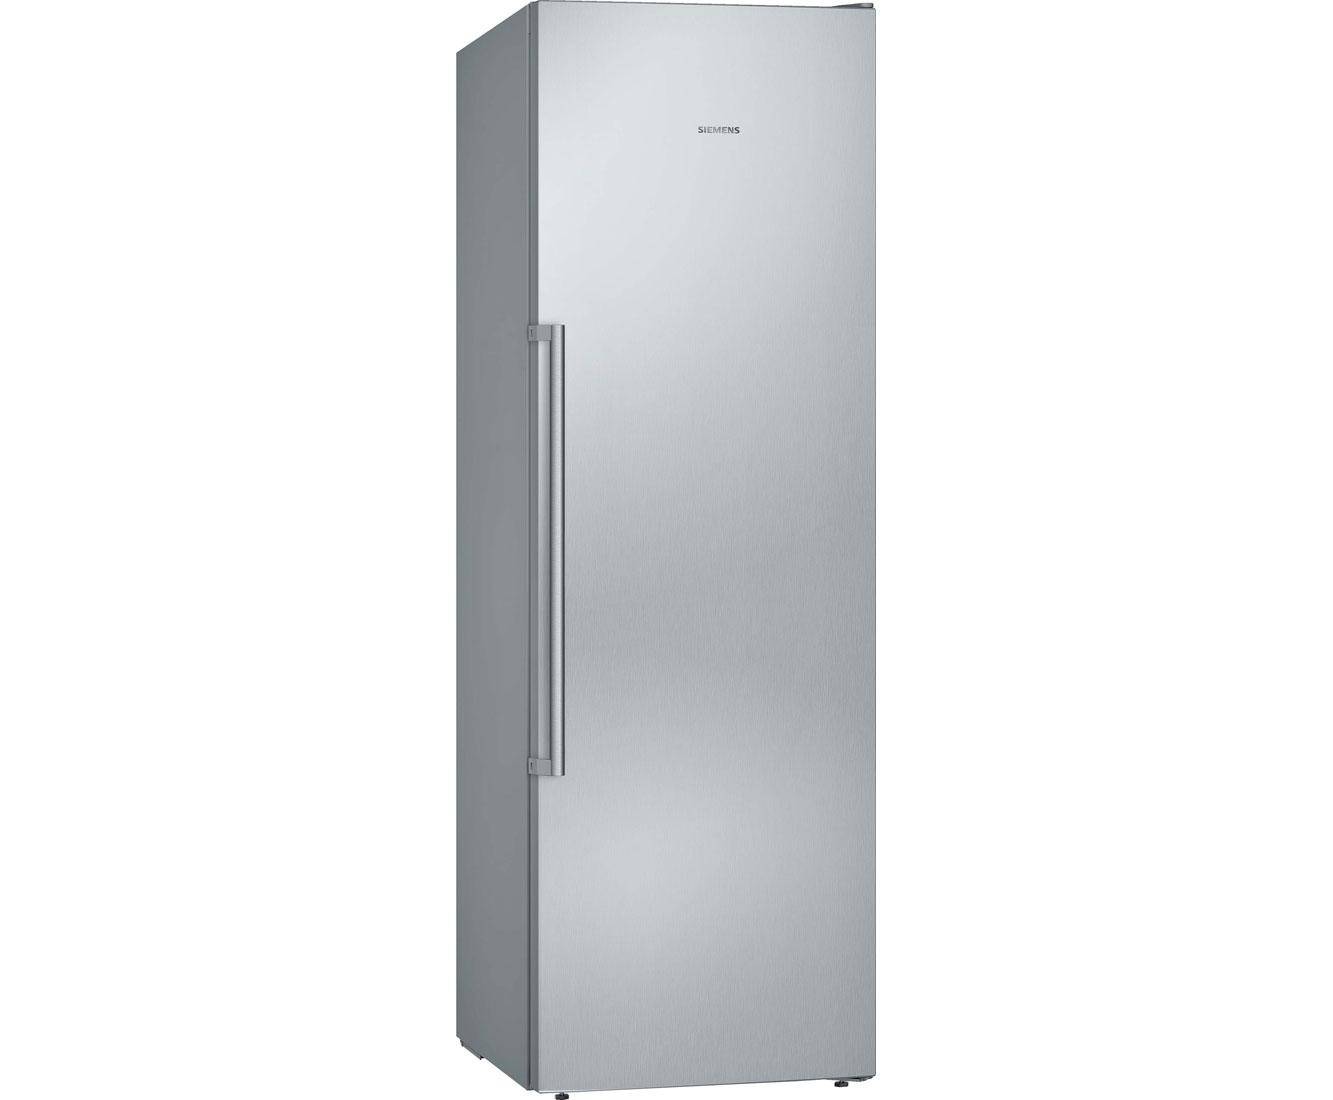 Siemens Kühlschrank Nach Abtauen Alarm : Siemens iq gs nai p gefrierschrank mit no frost l